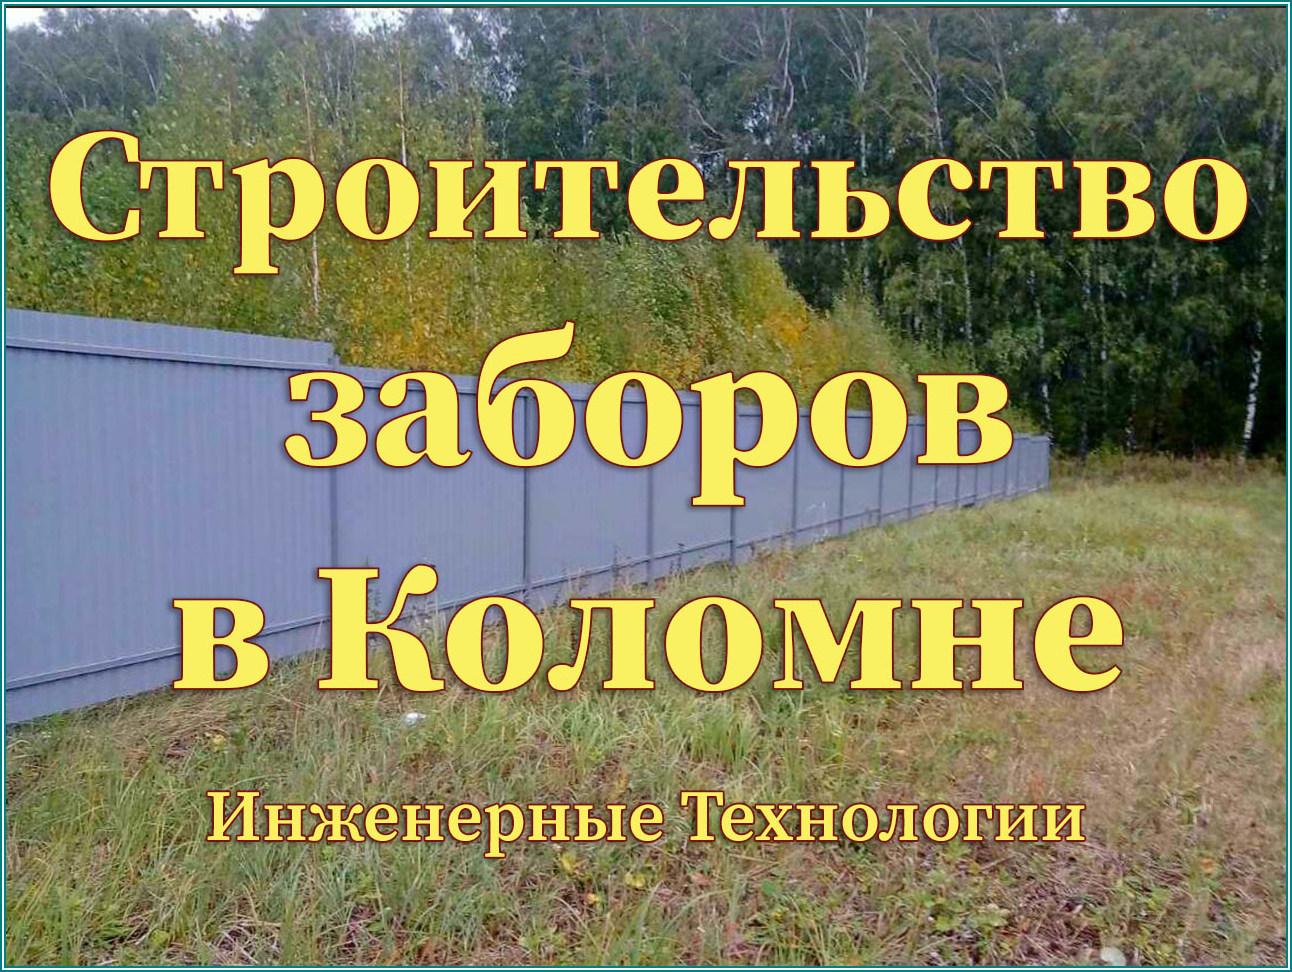 Забор Коломна: Строительство заборов любой сложности от 300р/ м. пог. в Коломне